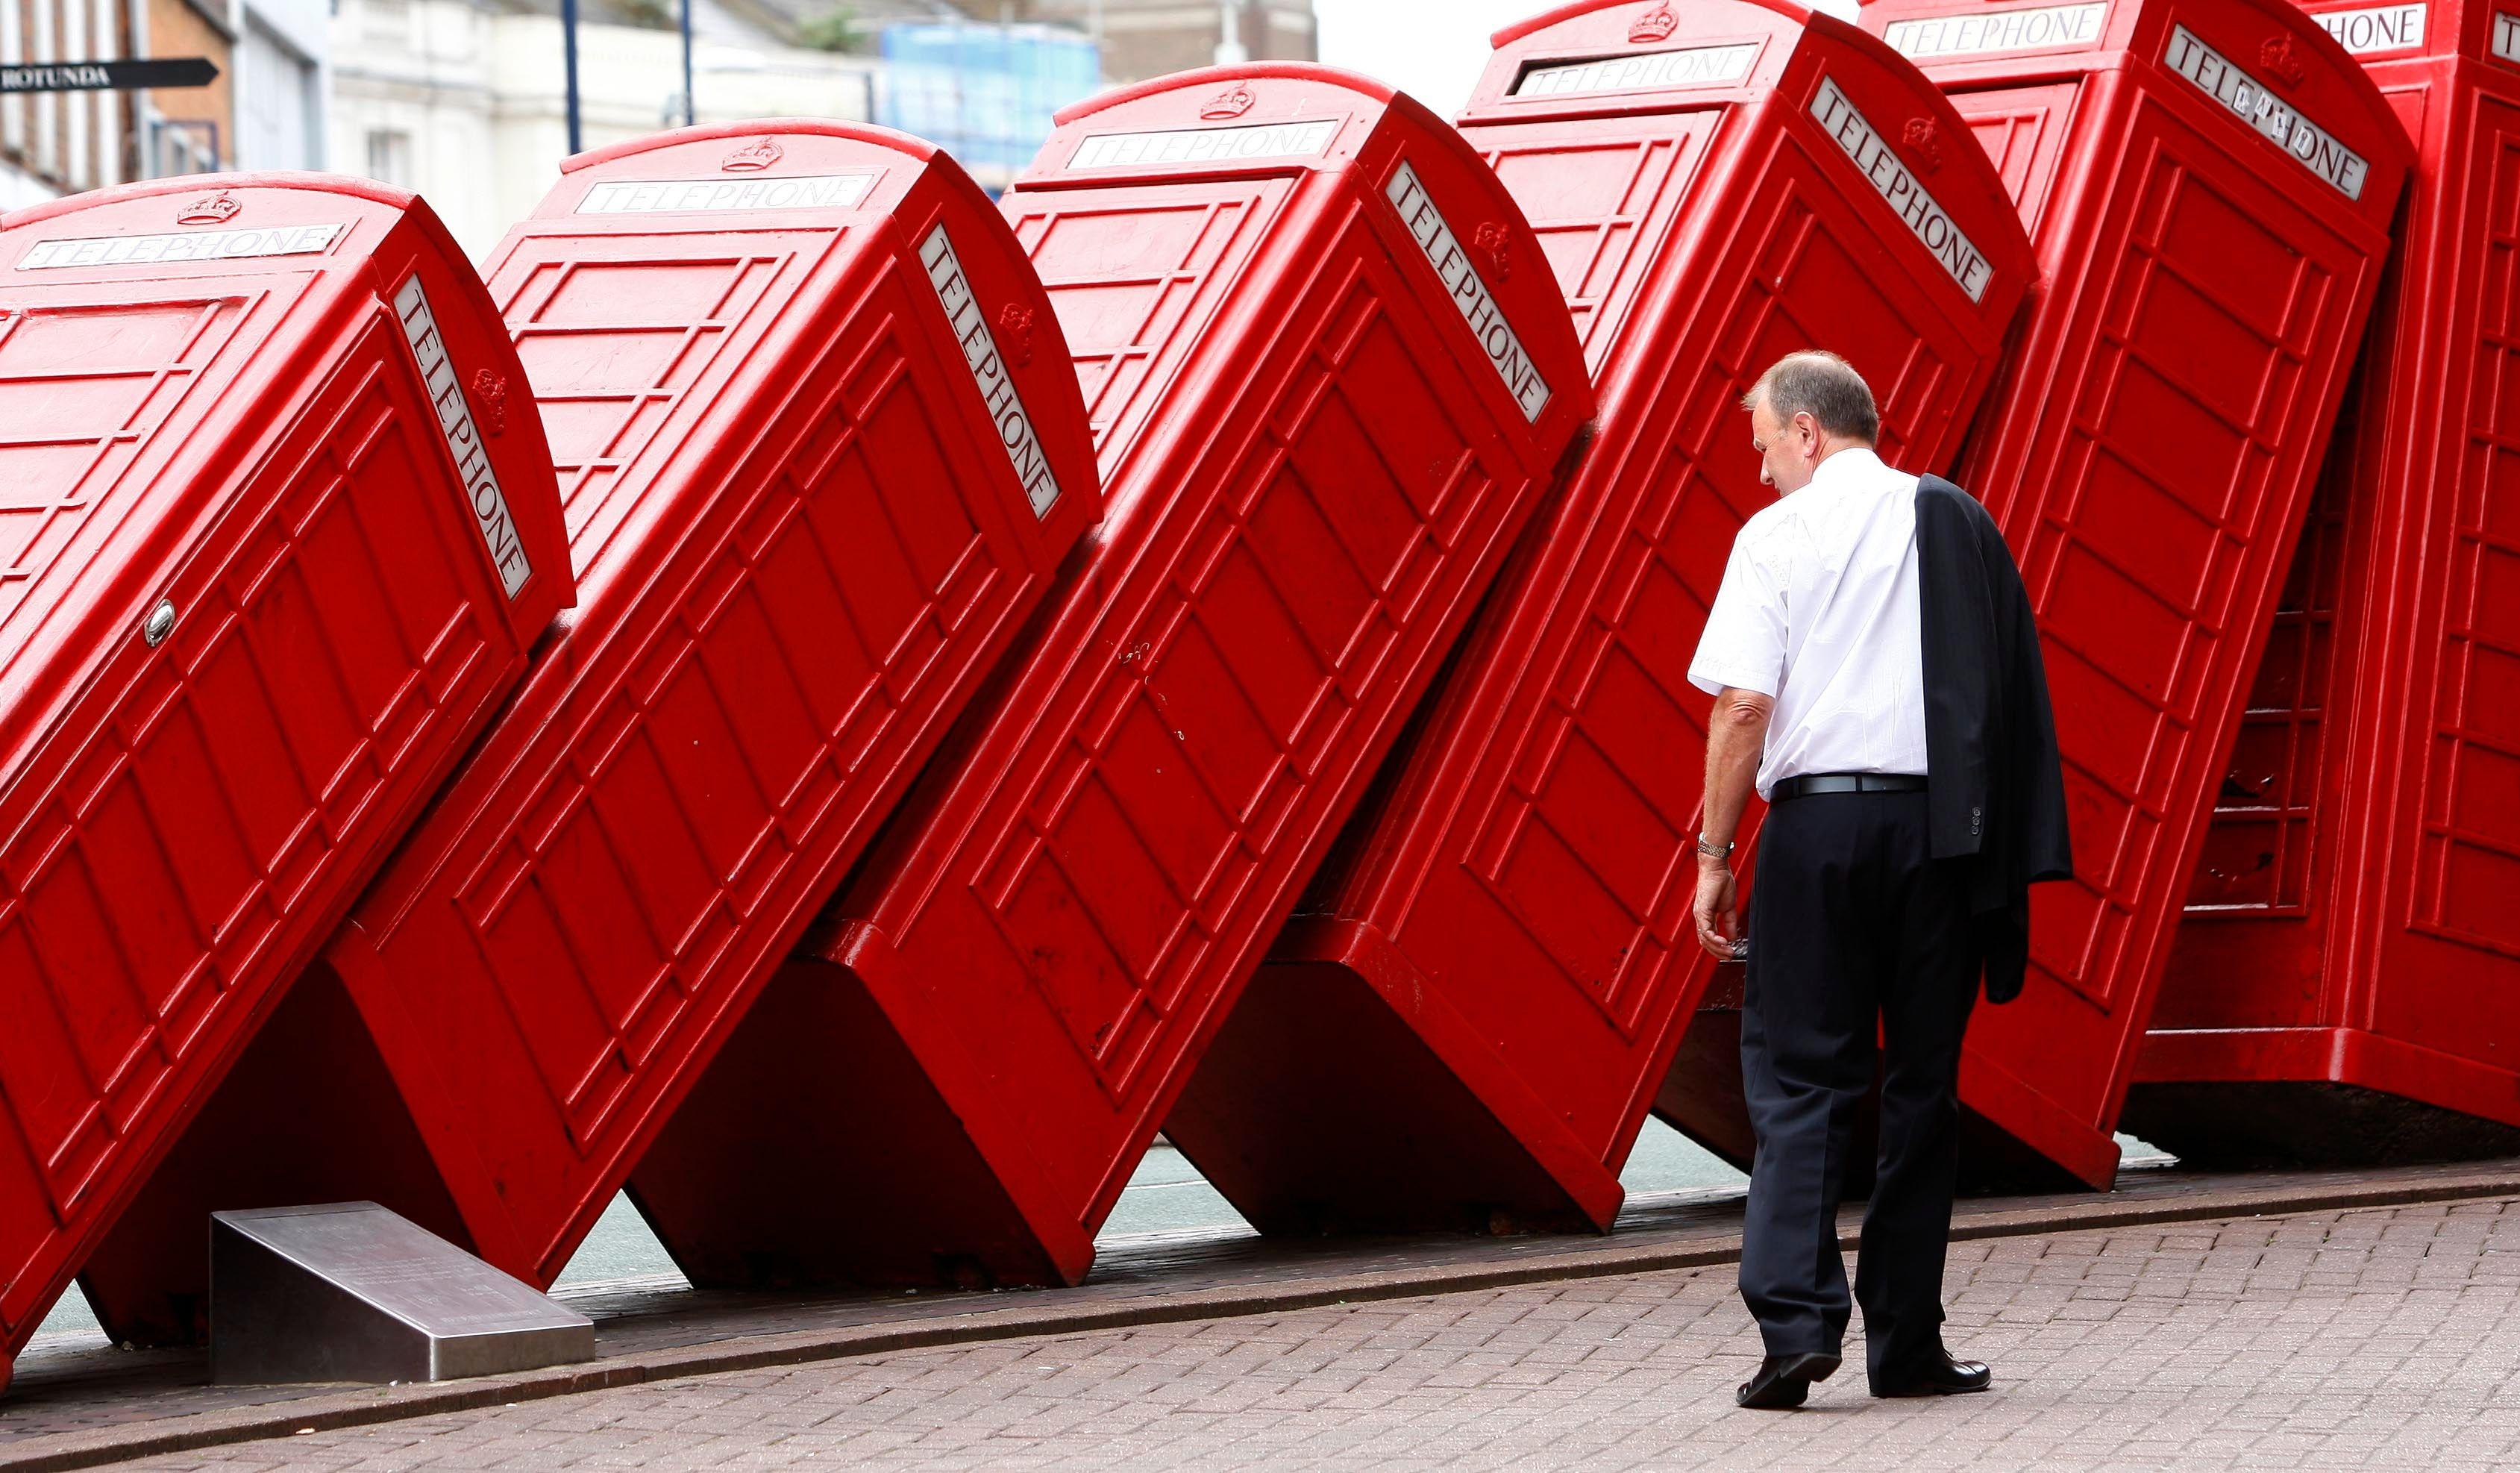 Des cabines téléphoniques britanniques.